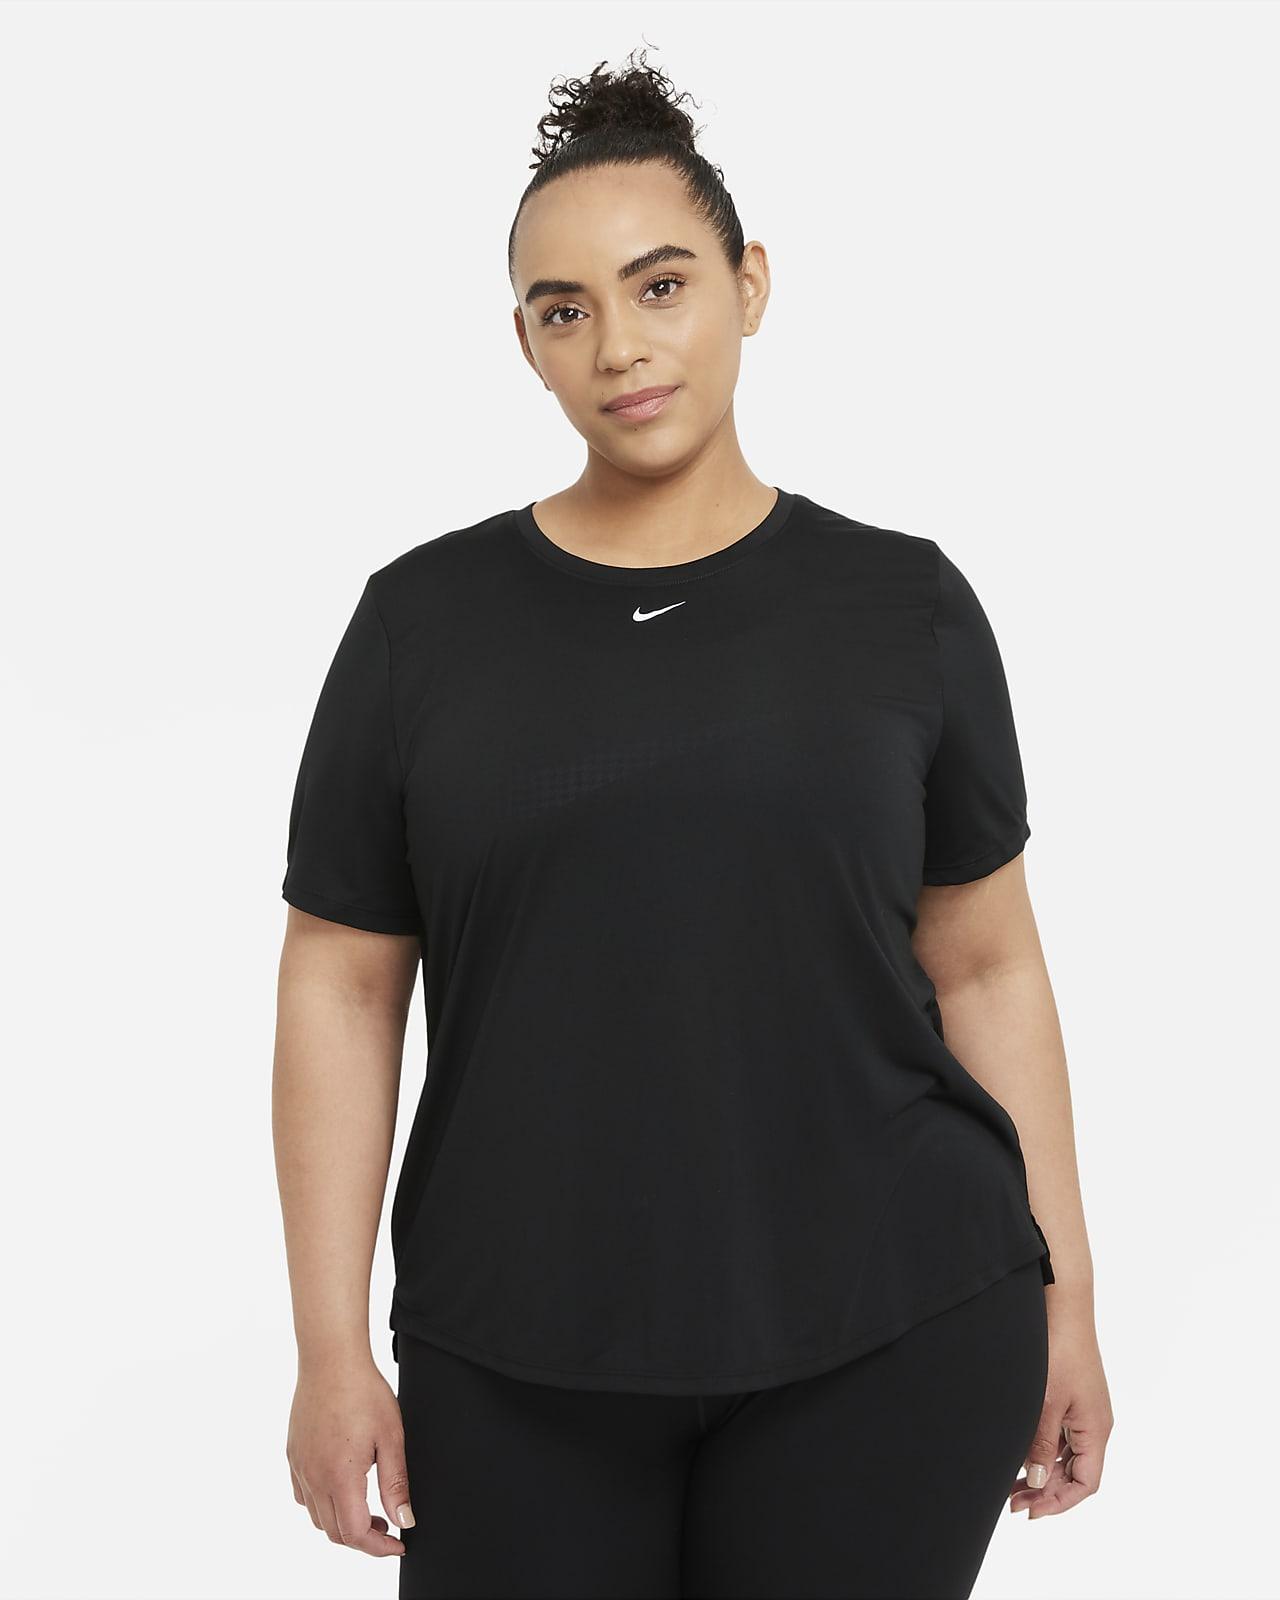 Nike Dri-FIT One Kurzarmoberteil in Standardpassform für Damen (große Größe)